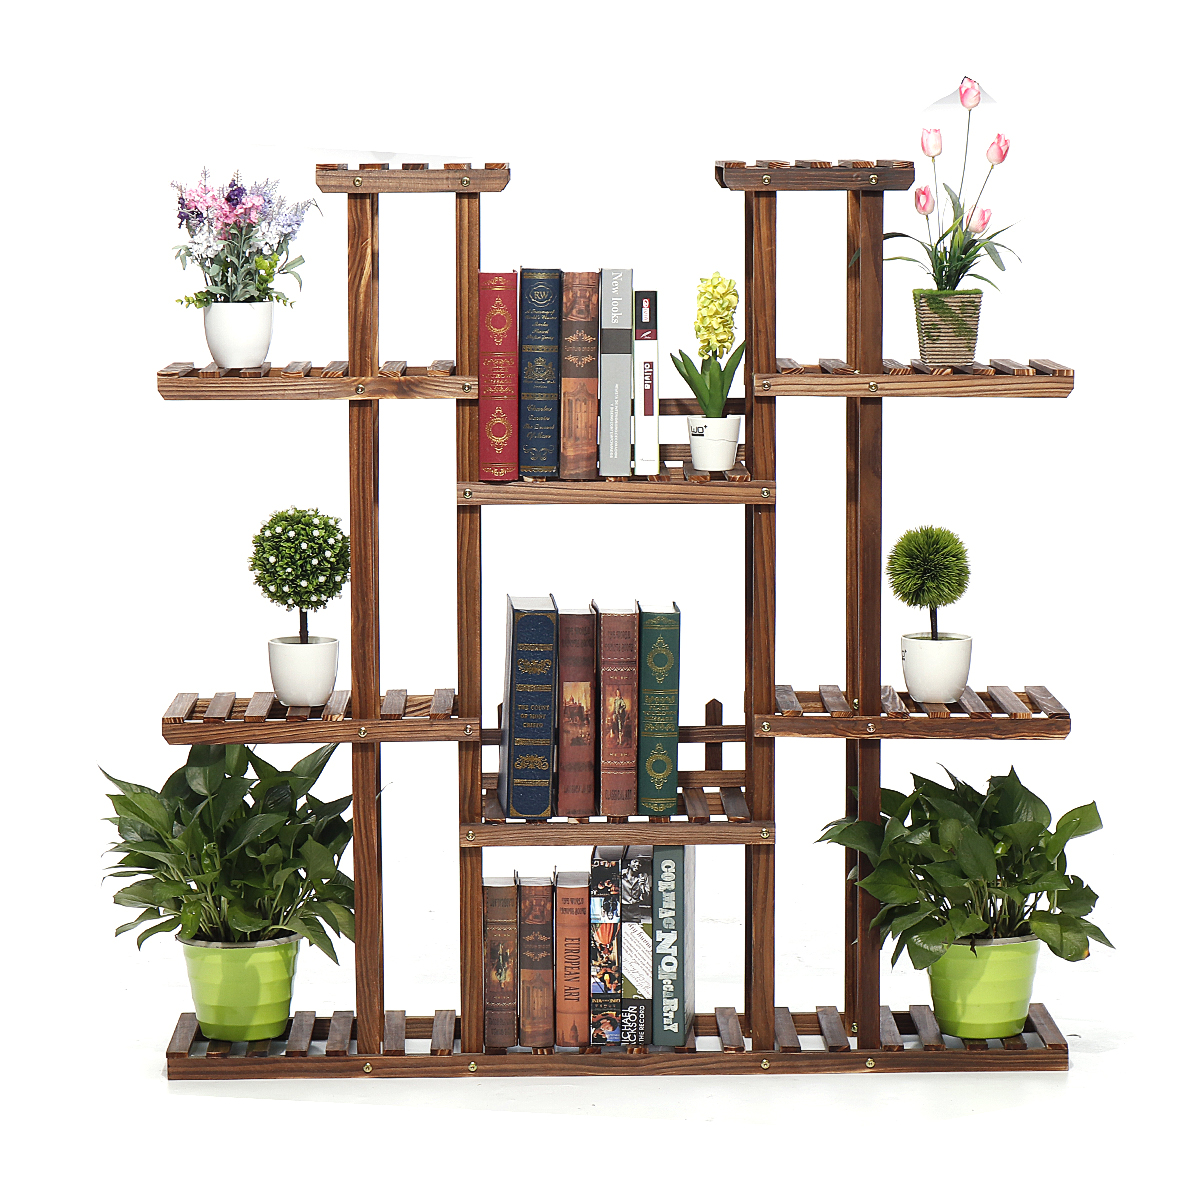 9 Tiers Wooden Plant Stand Carbonized Flower Pots Organizer Shelf Display Rack Holder for Indoor Outdoor Patio Garden Corner Balcony Living Room